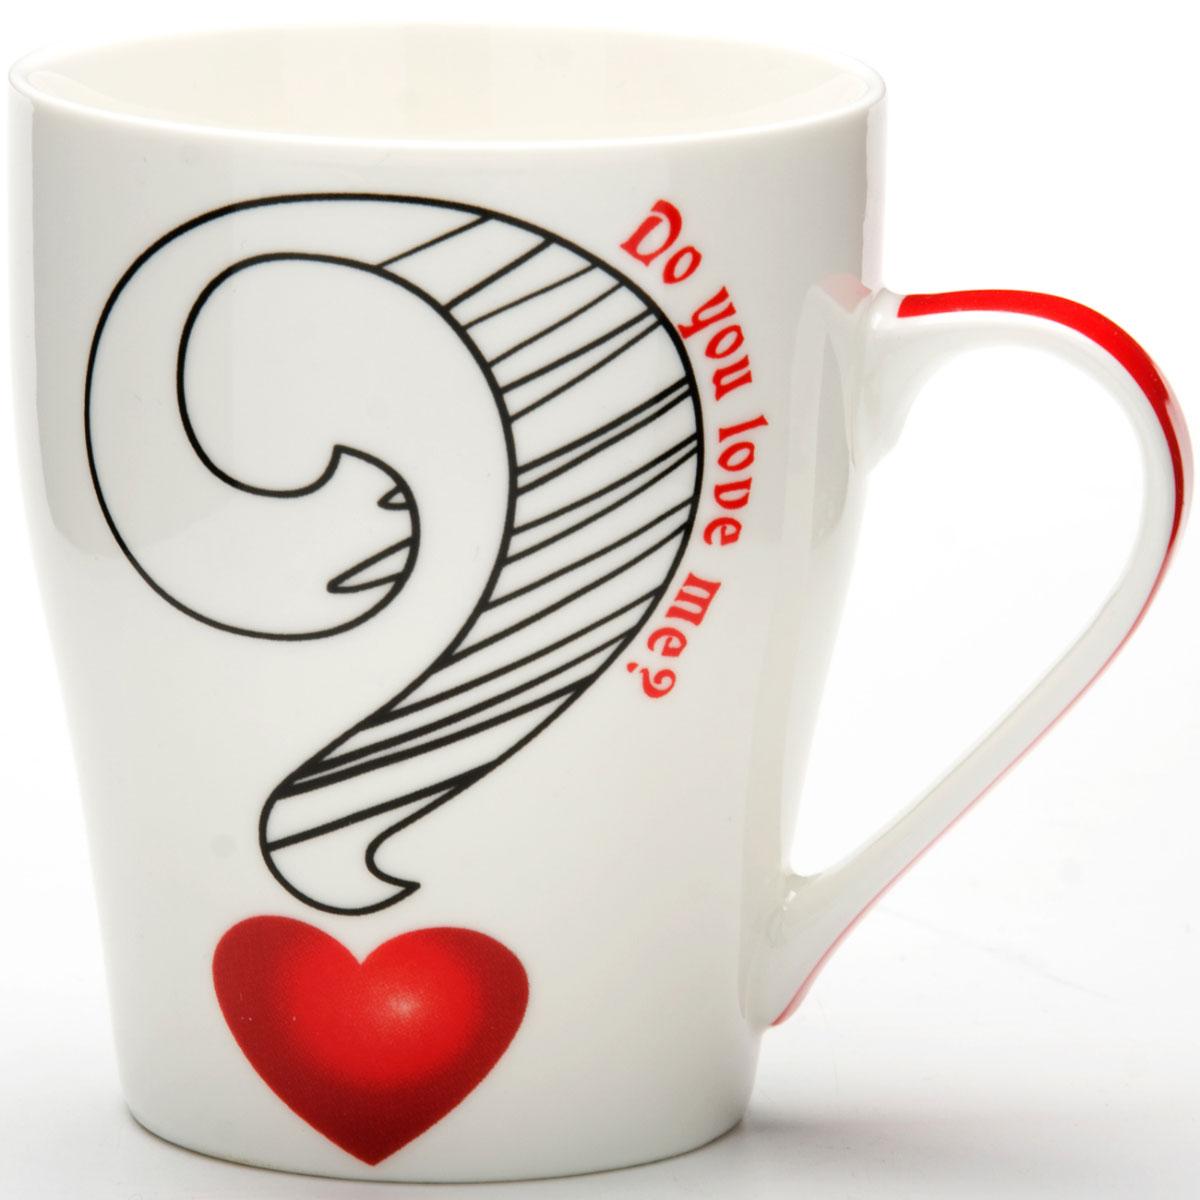 Кружка Loraine I Love You, 340 мл. 24463115510Кружка изготовлена из высококачественного костяного фарфора и оформлена стильным рисунком. Изящный дизайн придется по вкусу и ценителям классики, и тем, кто предпочитает утонченность и изысканность. Объем кружки: 340 мл.Высота кружки: 11 см.